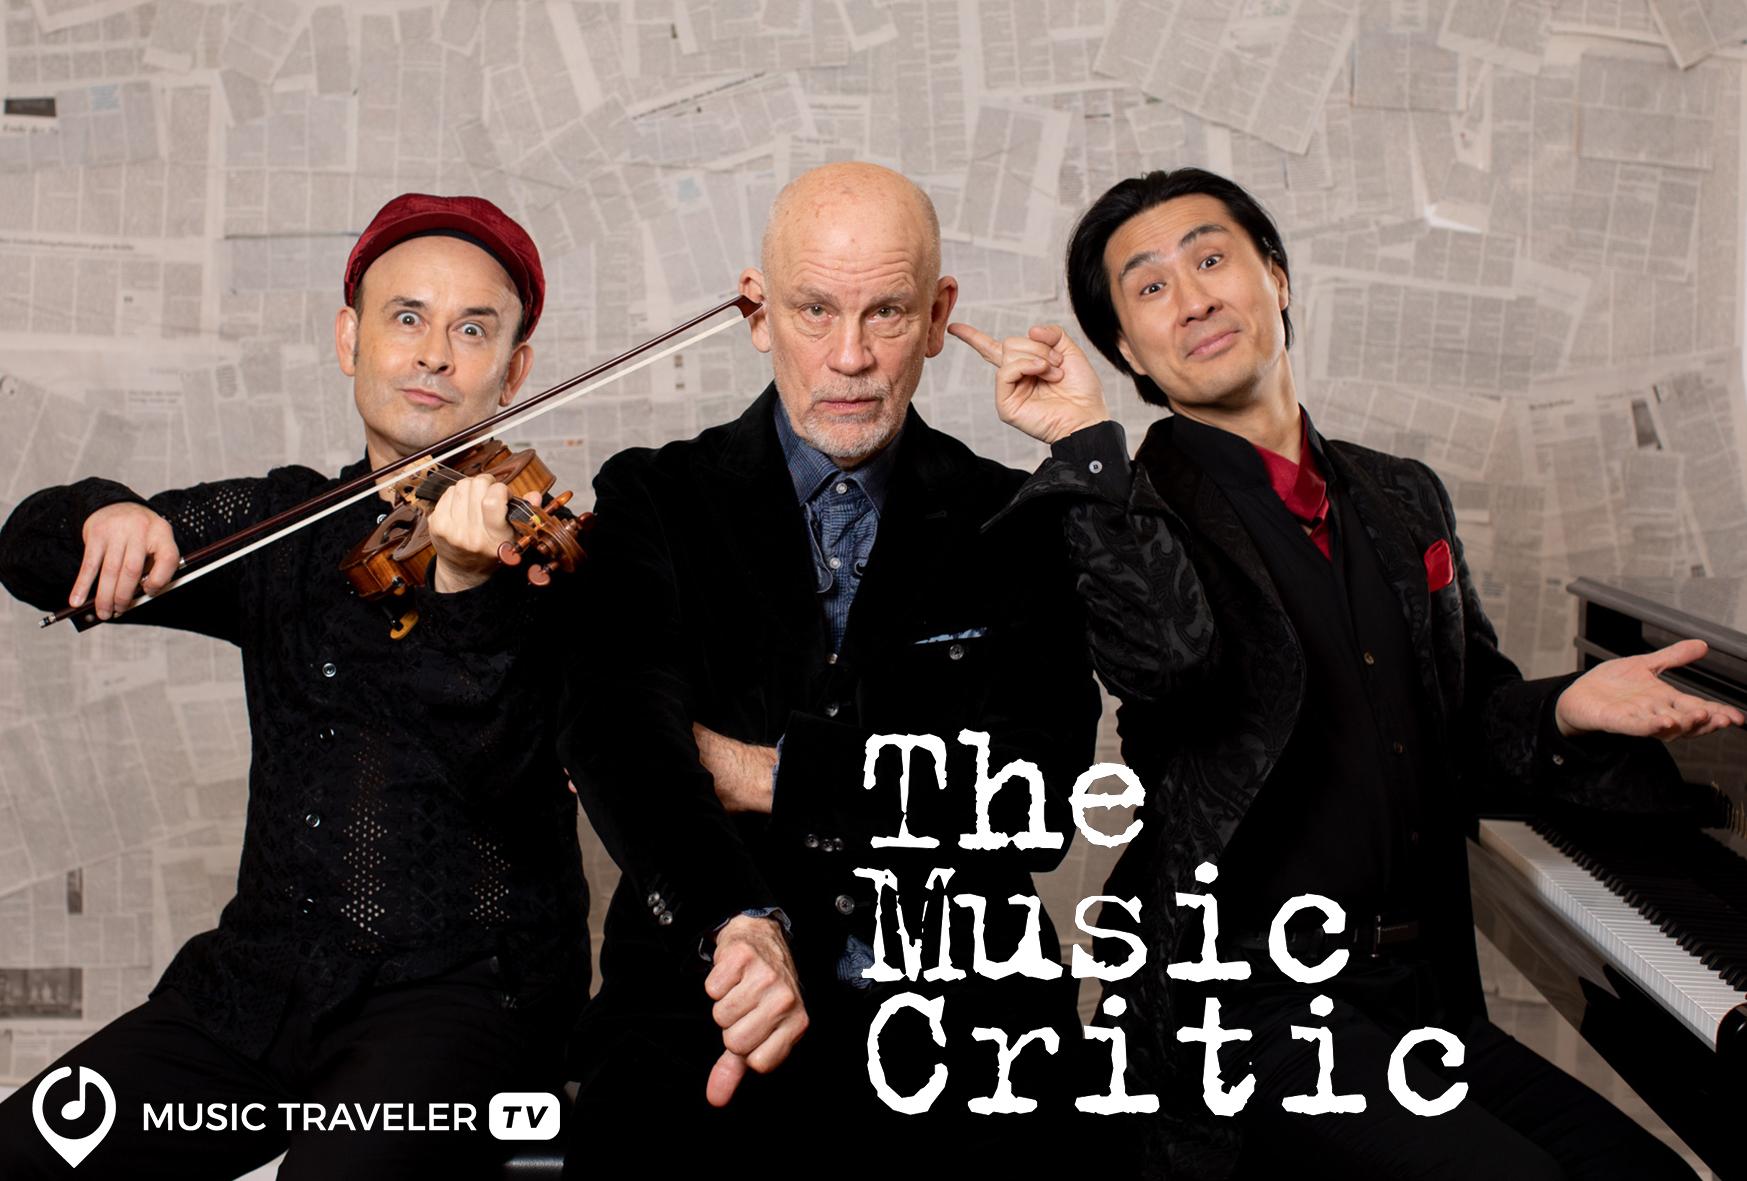 Music Traveler TV